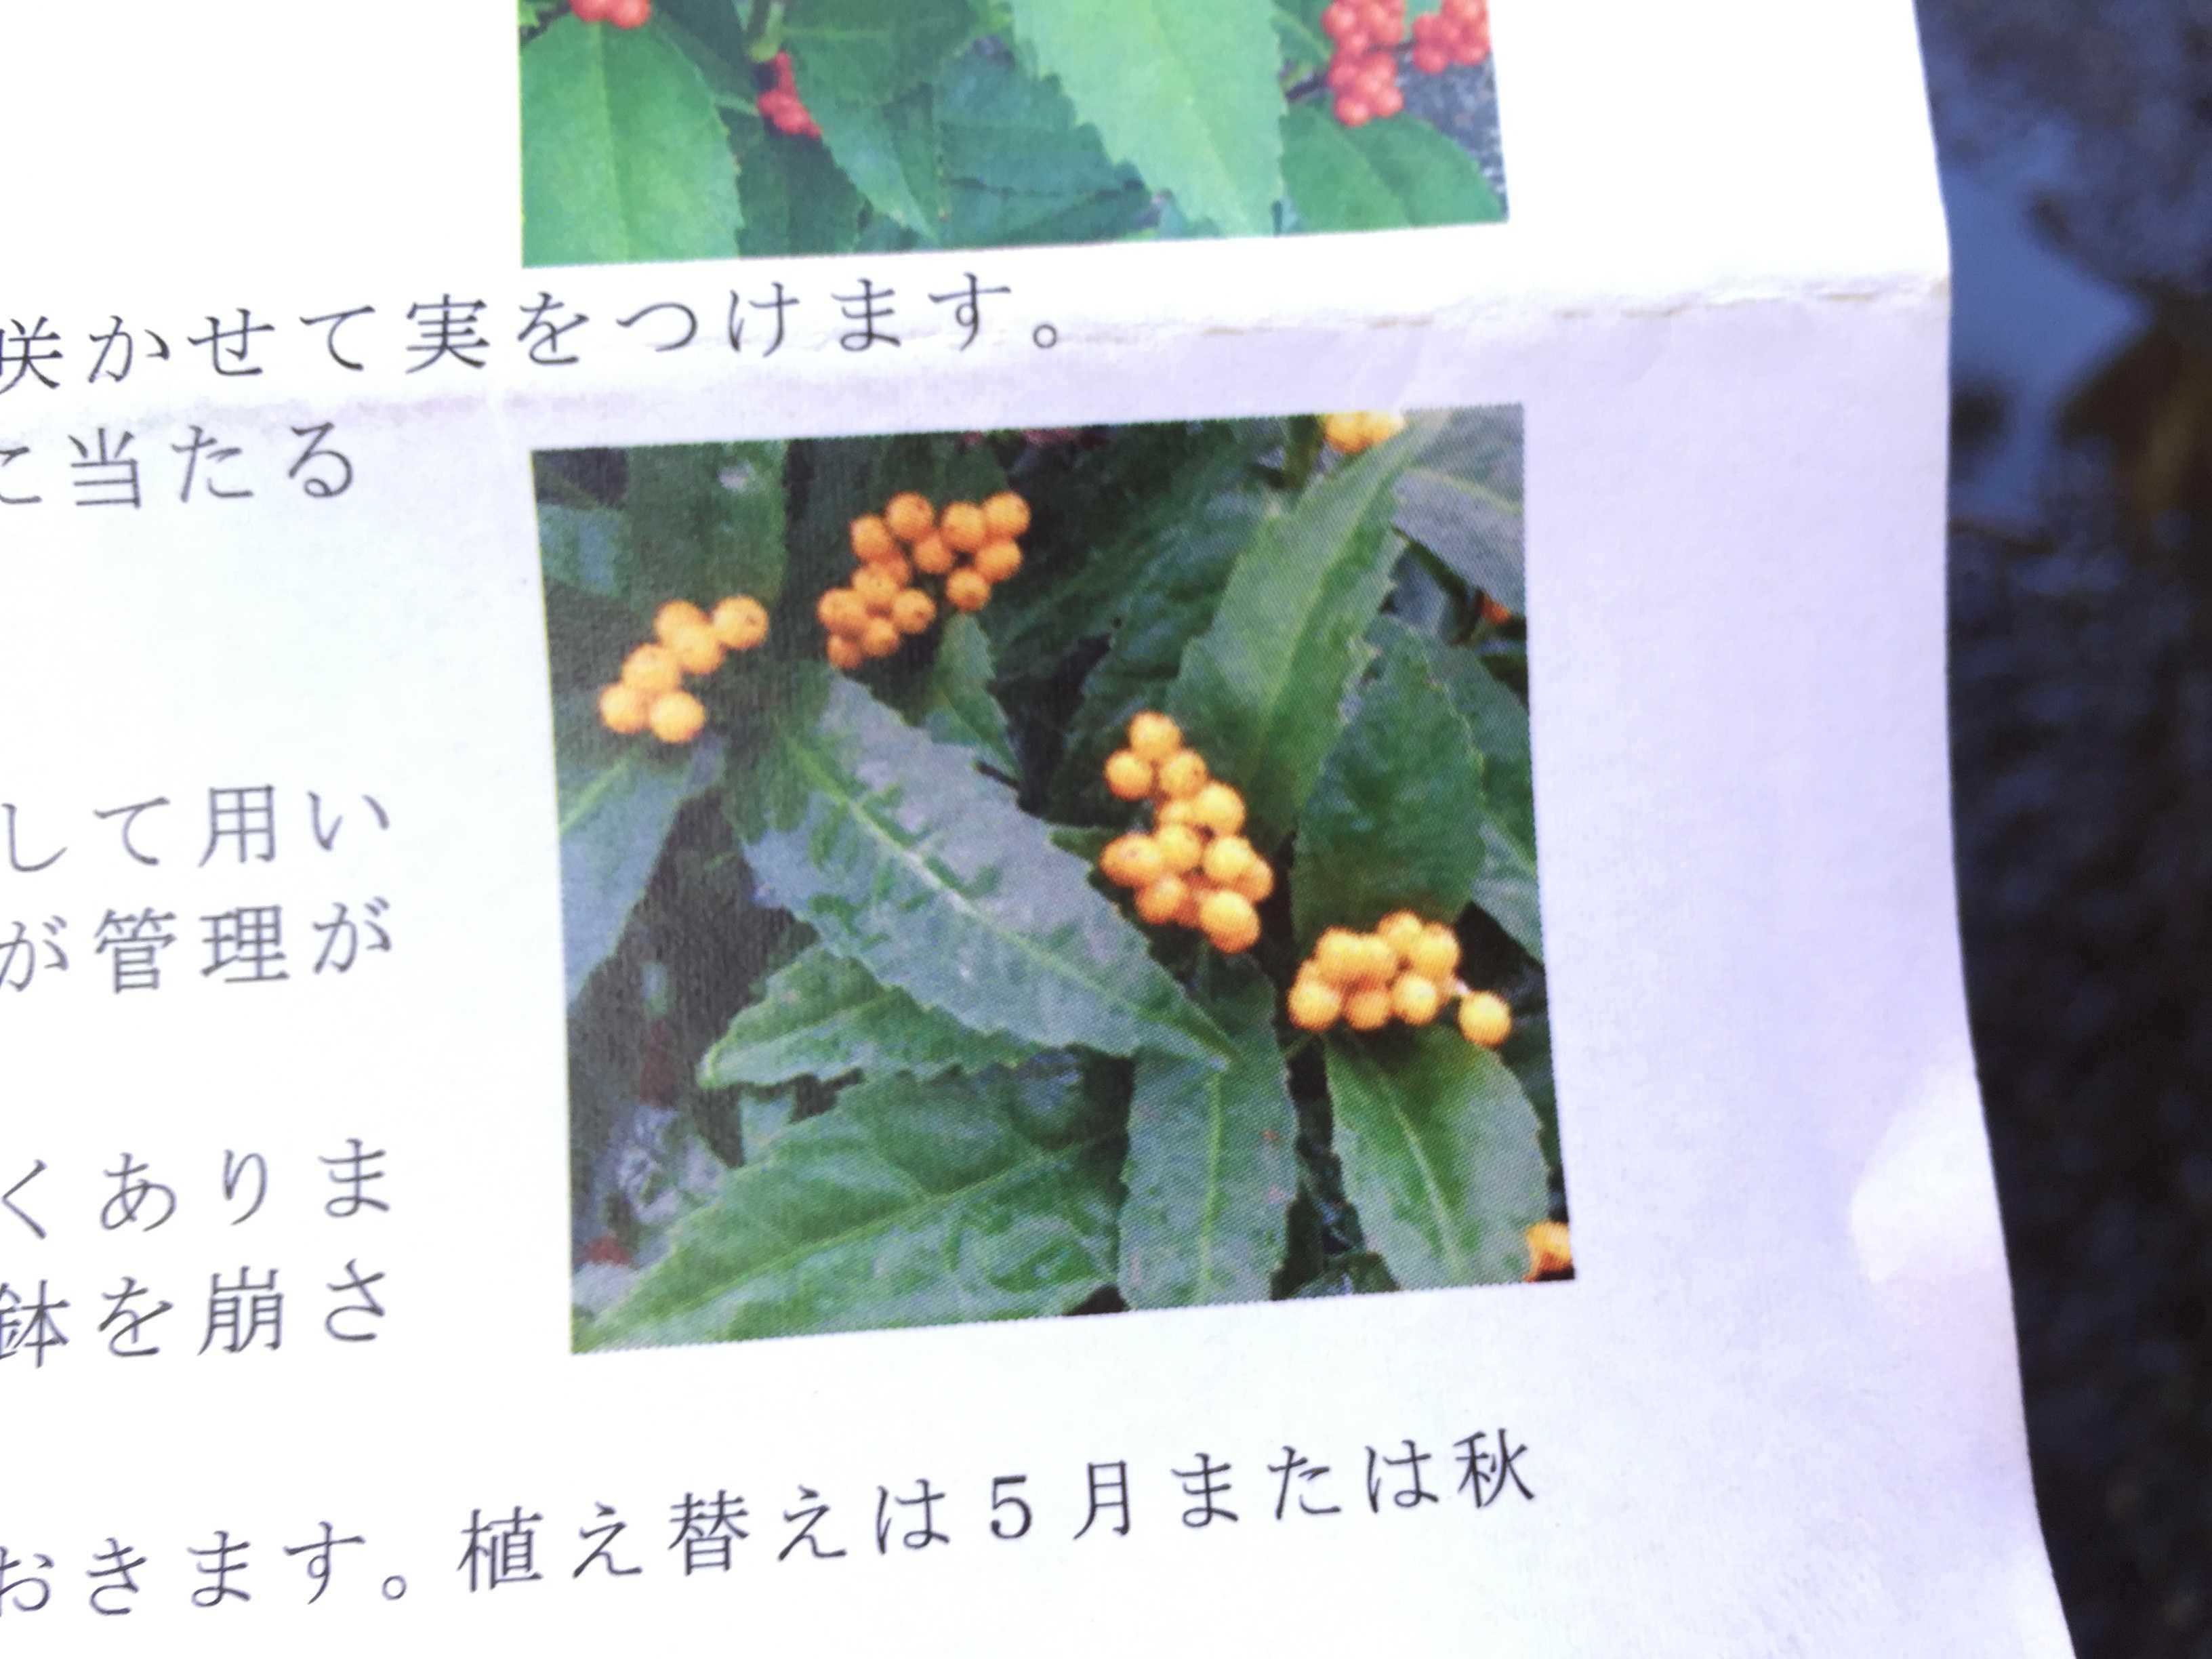 黄実の千両(キミノセンリョウ) の植え付け - 可愛らしい黄色い実